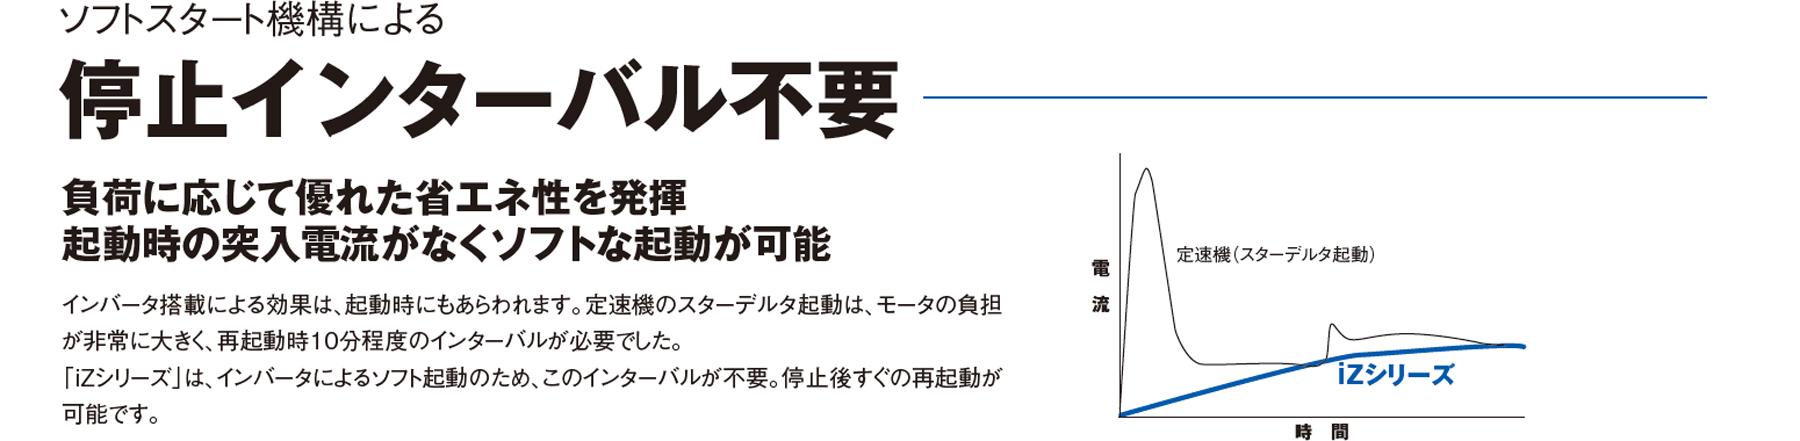 iZシリーズ 水冷式/空冷式_3